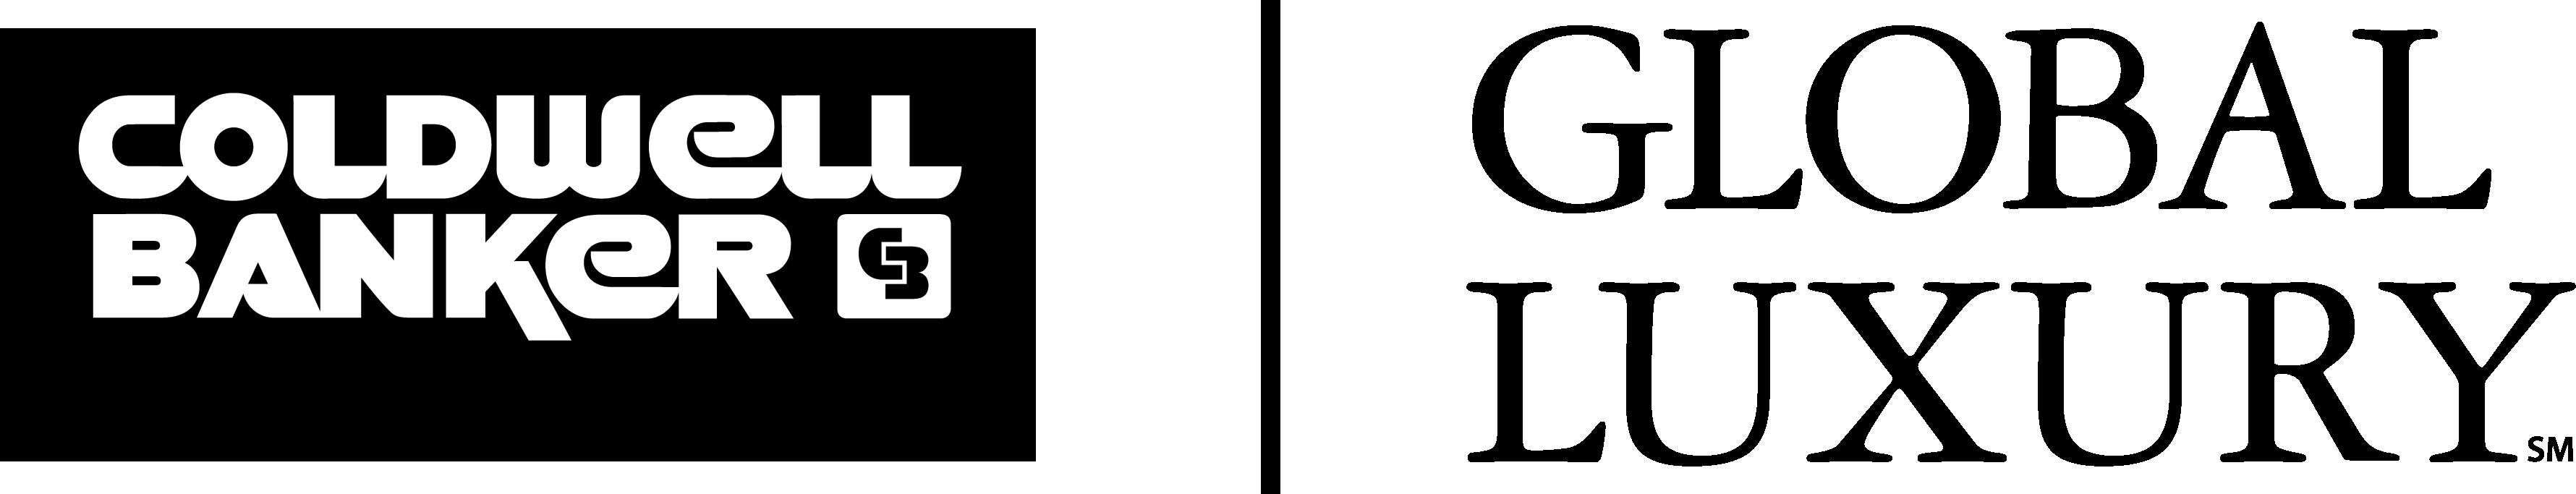 Global Luxury Logo